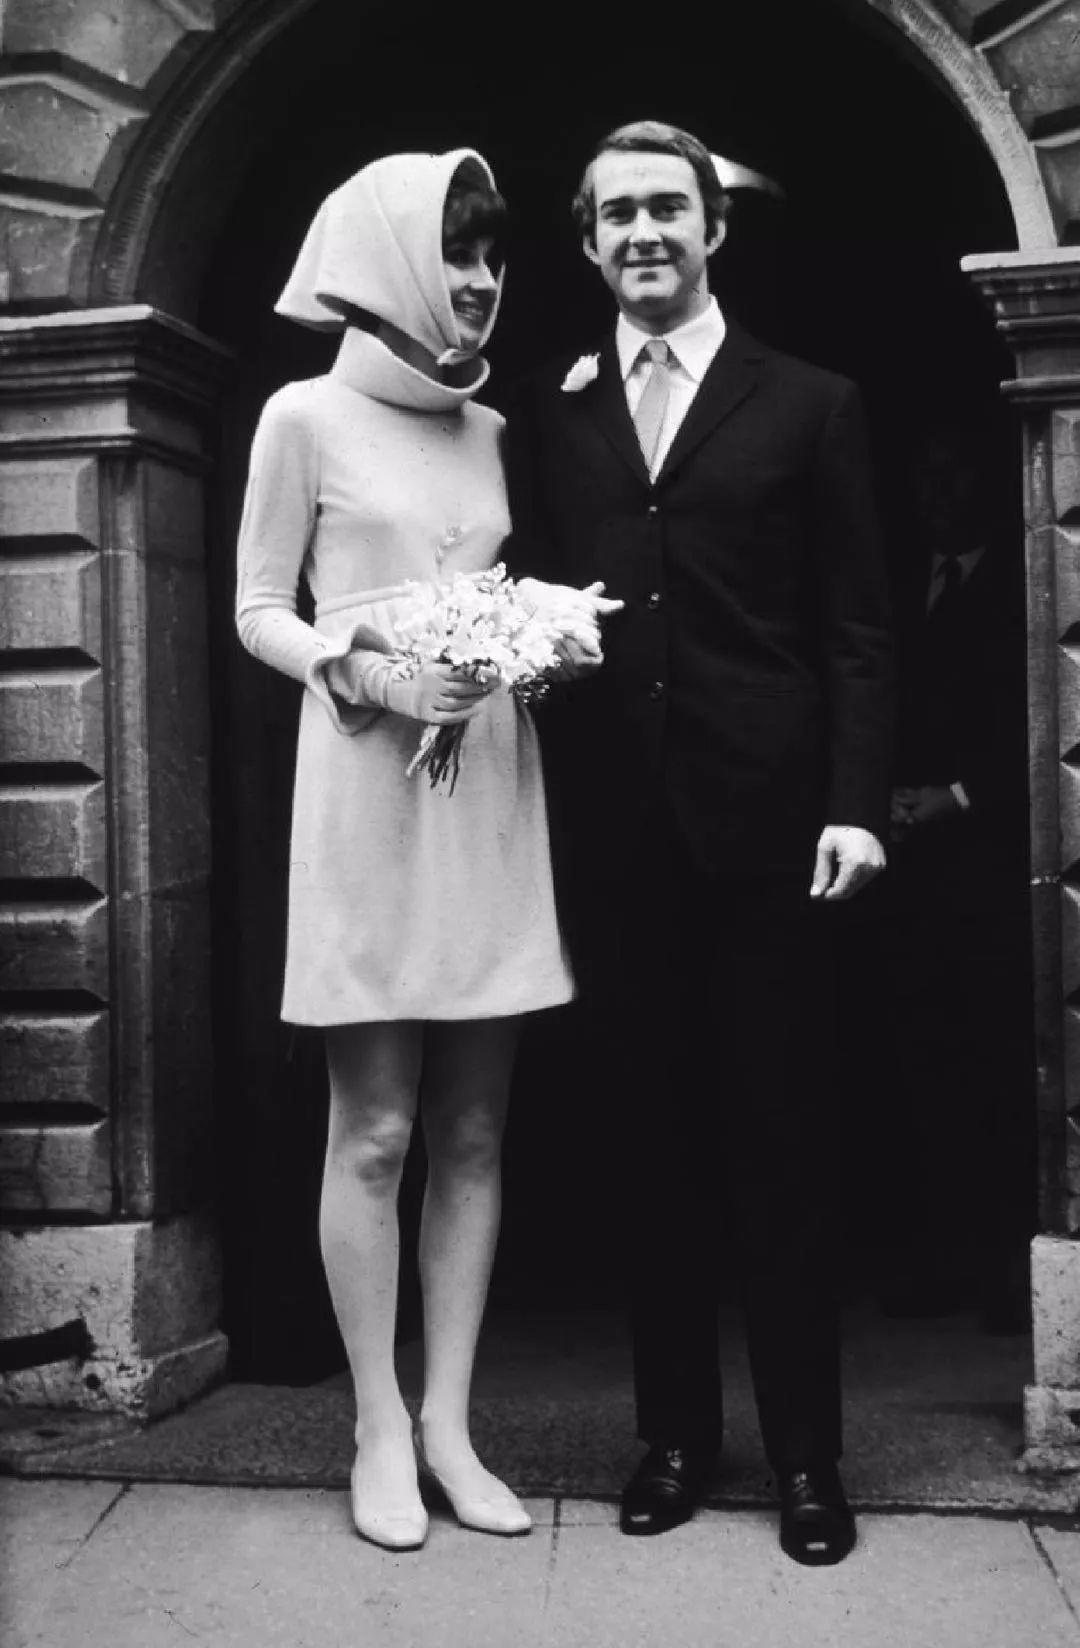 西服、帆布鞋、连体裤?拒绝白婚纱,你的婚礼你做主。